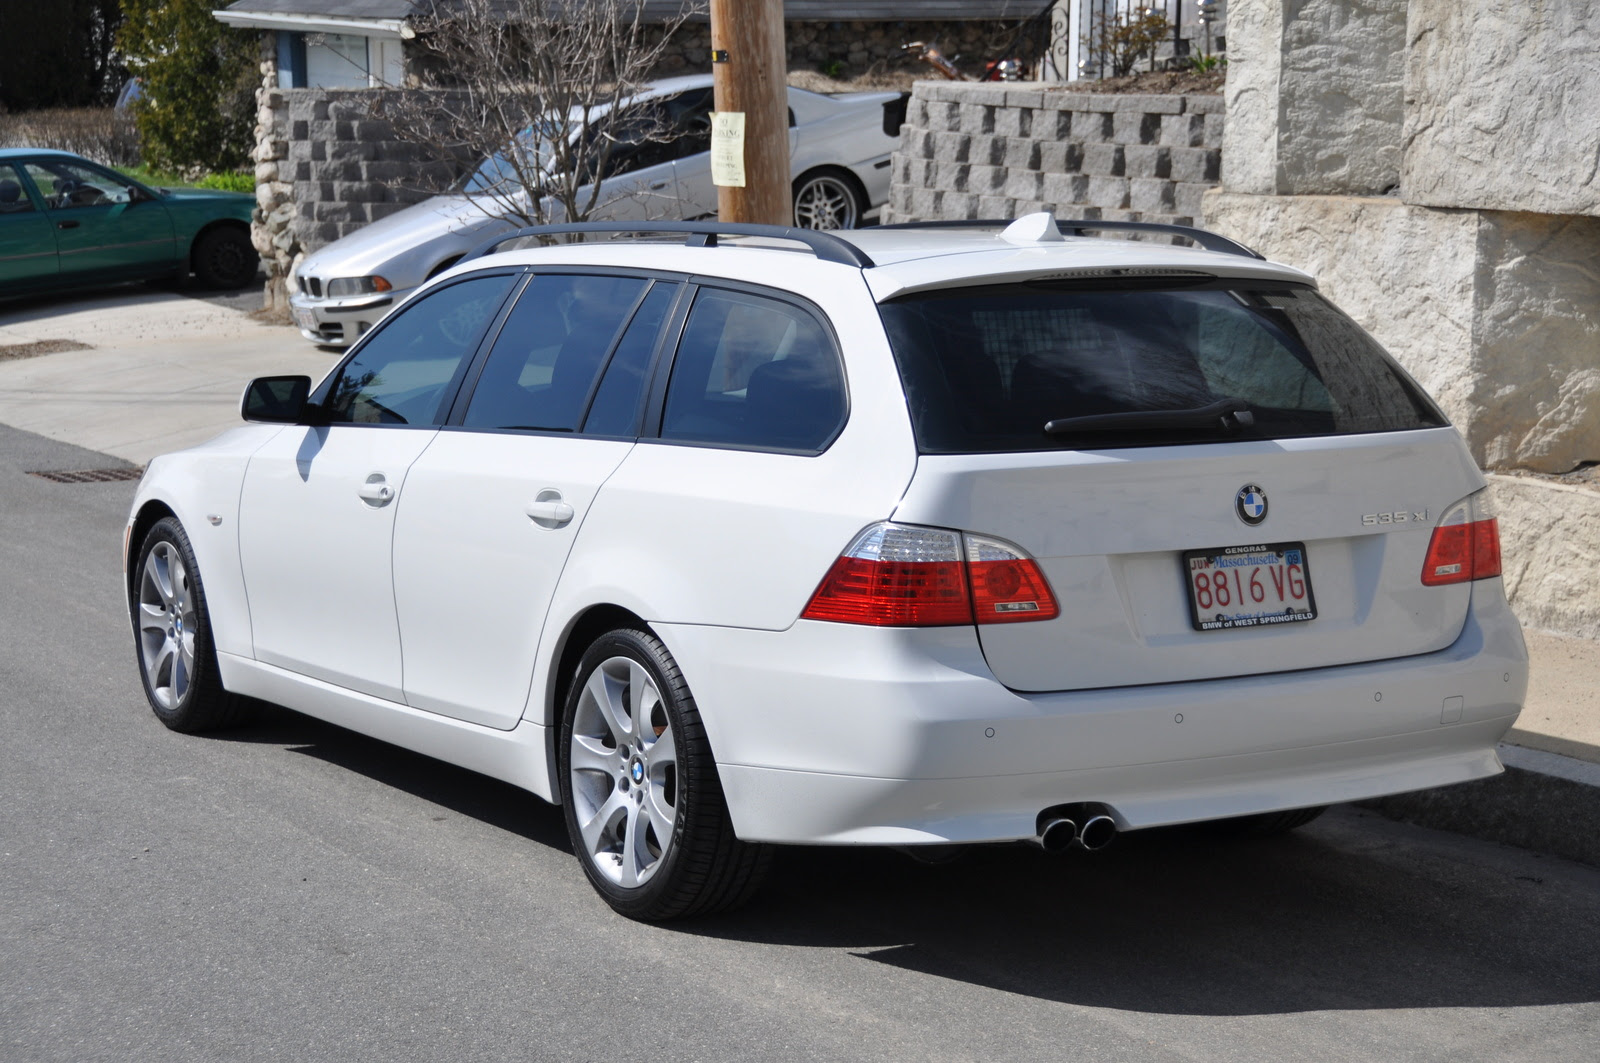 2008 BMW 5 Series - Pictures - CarGurus